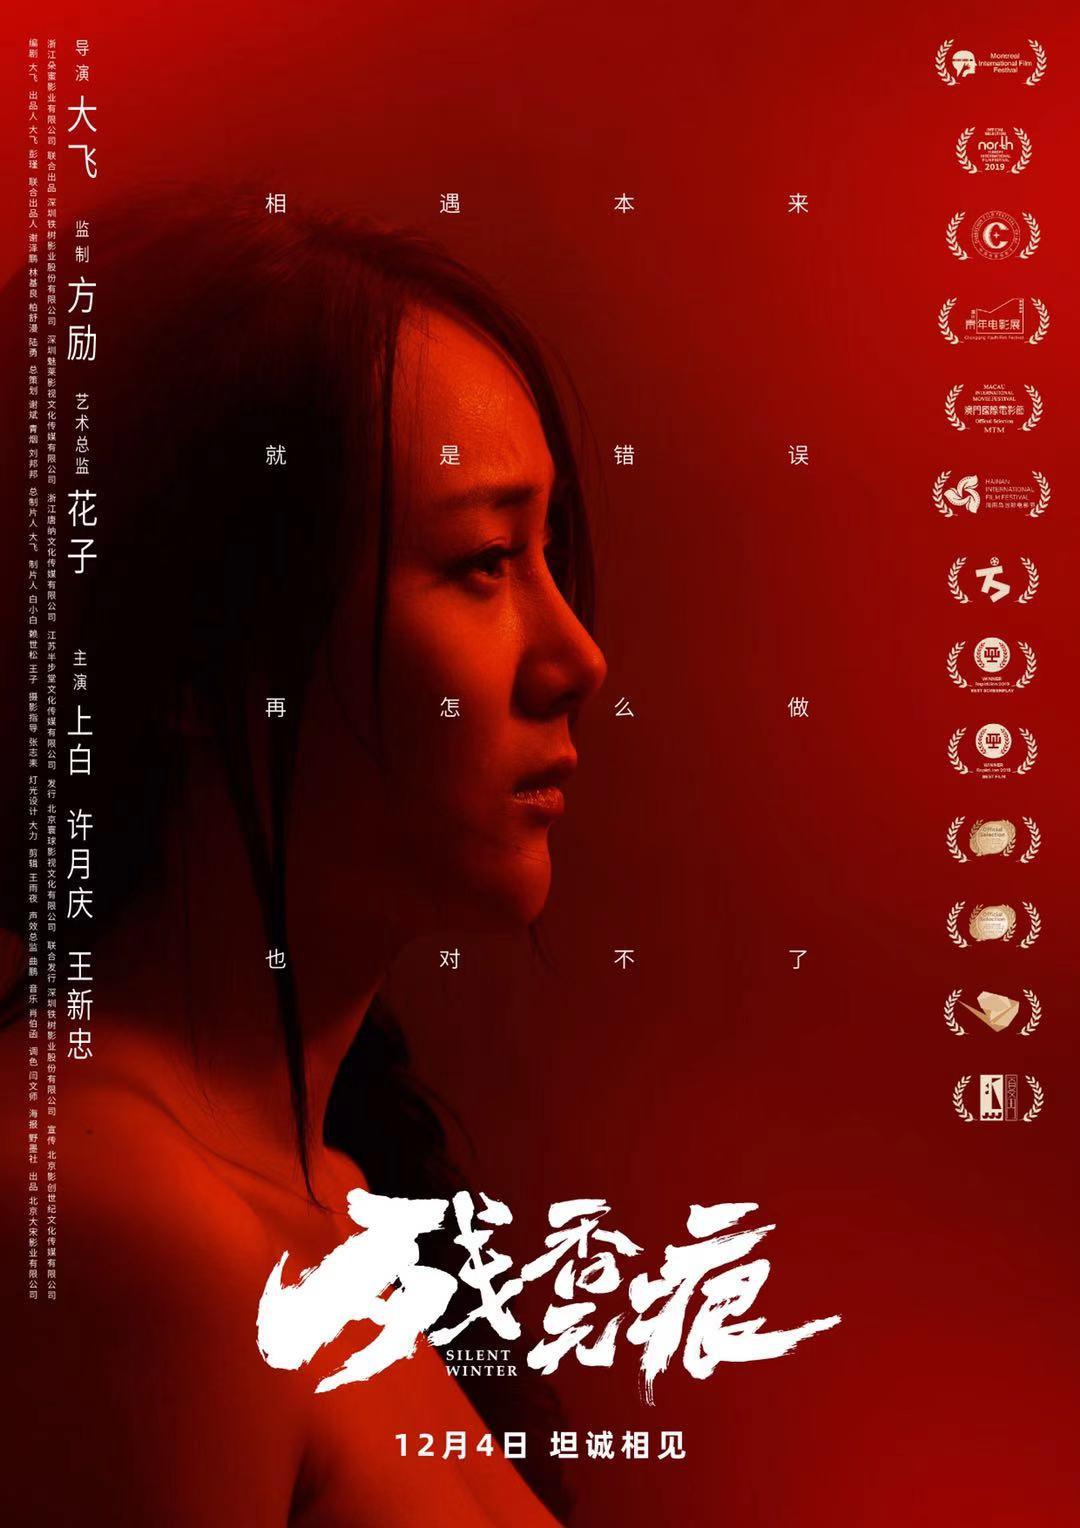 电银付安装教程(dianyinzhifu.com):方励监制新影戏 《残香无痕》公布角色版海报